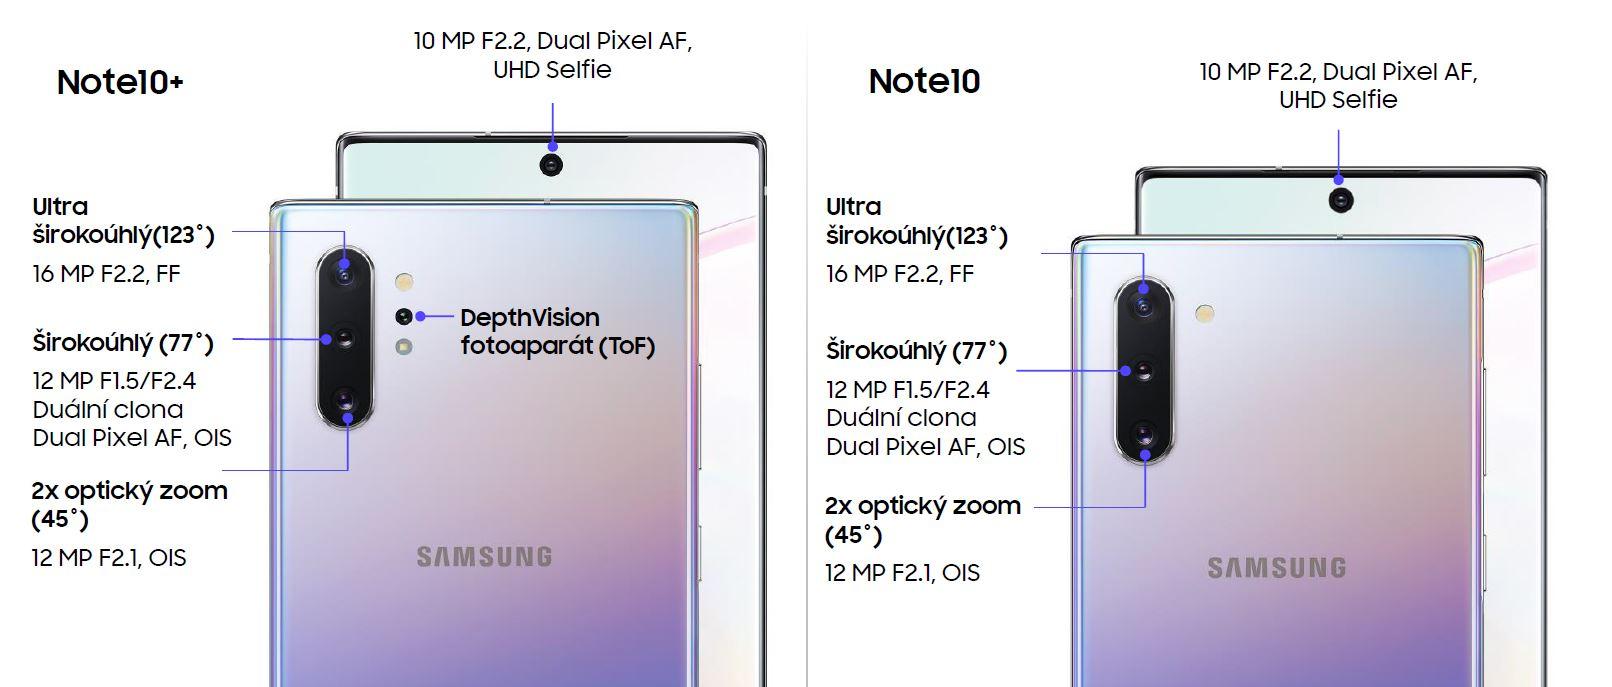 الصورة: هذه هي الطريقة التي تلتقط بها سامسونج الجديدة الصور Galaxy Note10 +! + الصور الليلية والفيديو 1